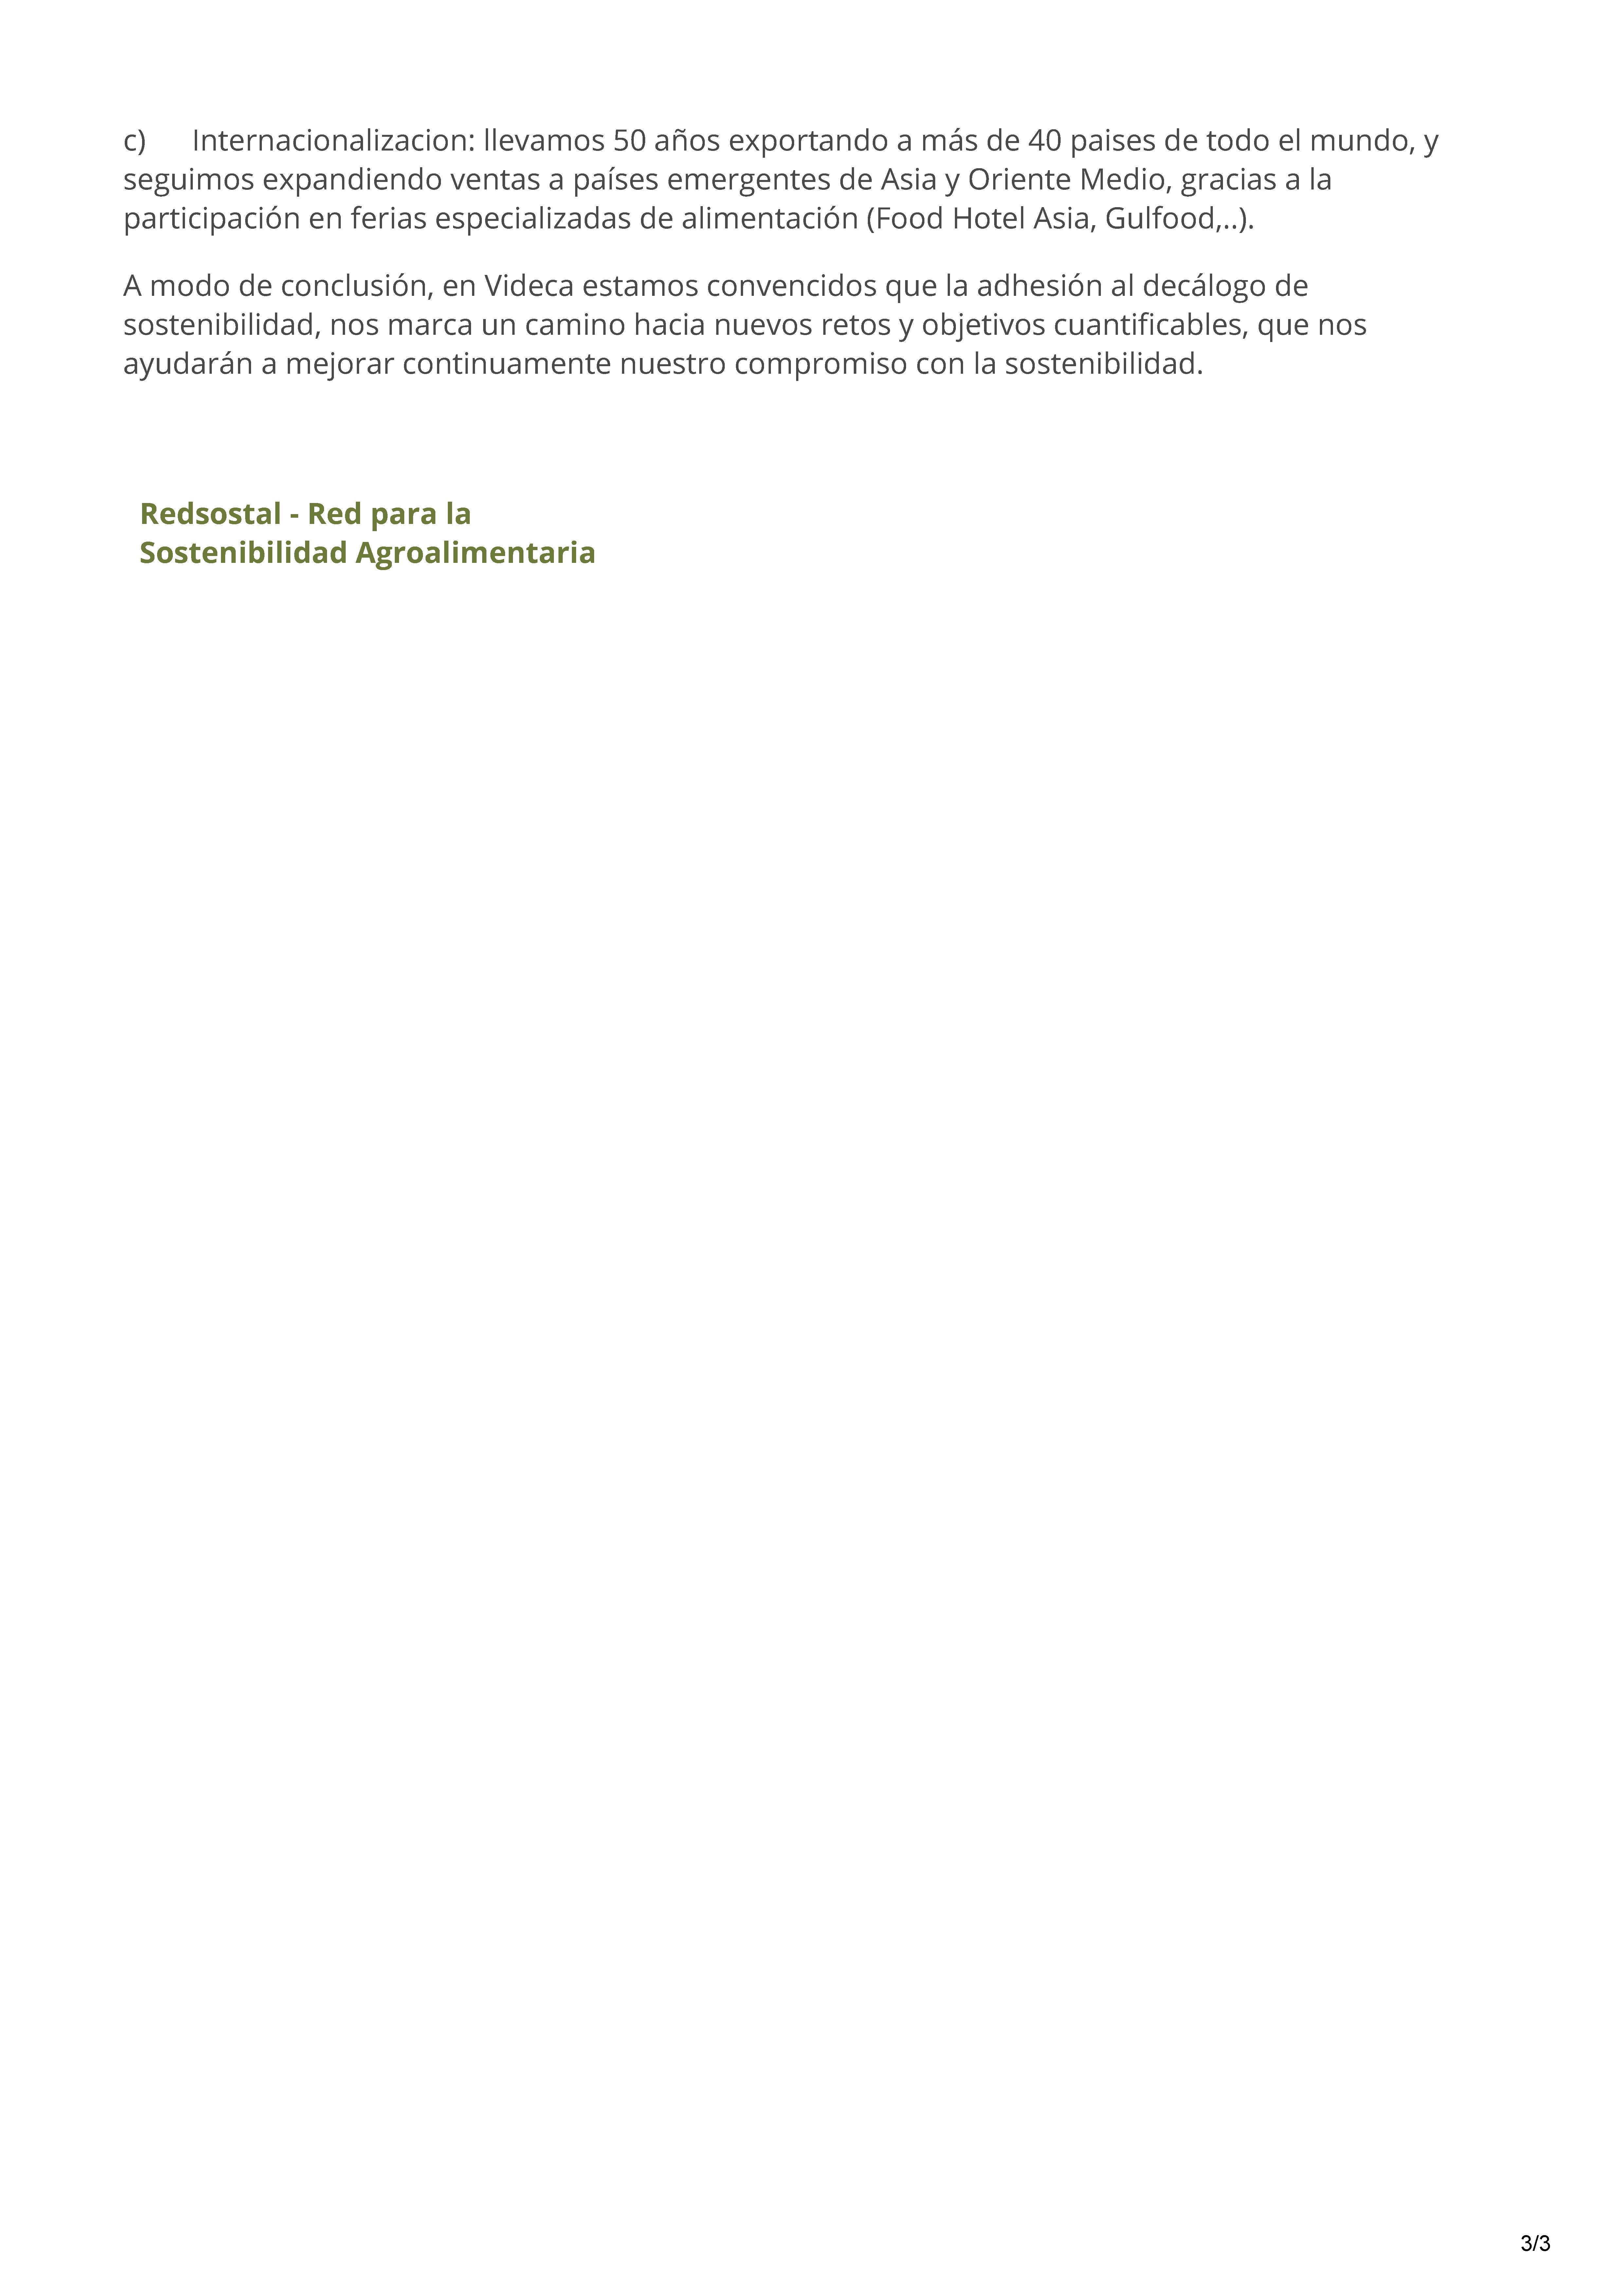 VIDECA Exp. Sostenibles 2018 Plataforma de Sostenibilidad Integral Agroalimentaria - Redsostal_Página_3